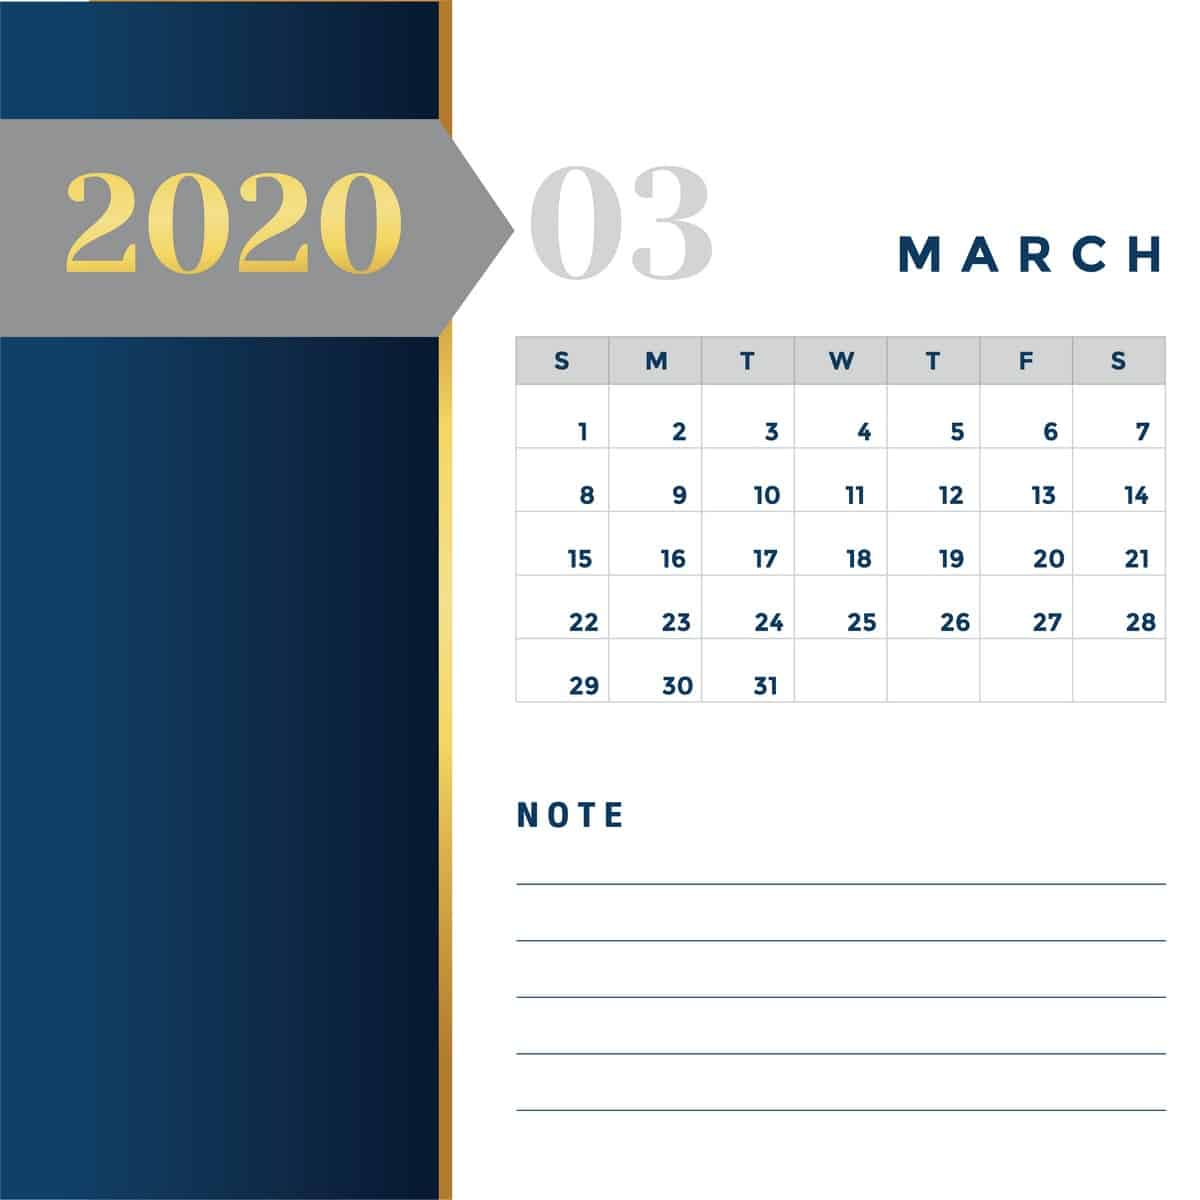 Calendar Miw Services-03